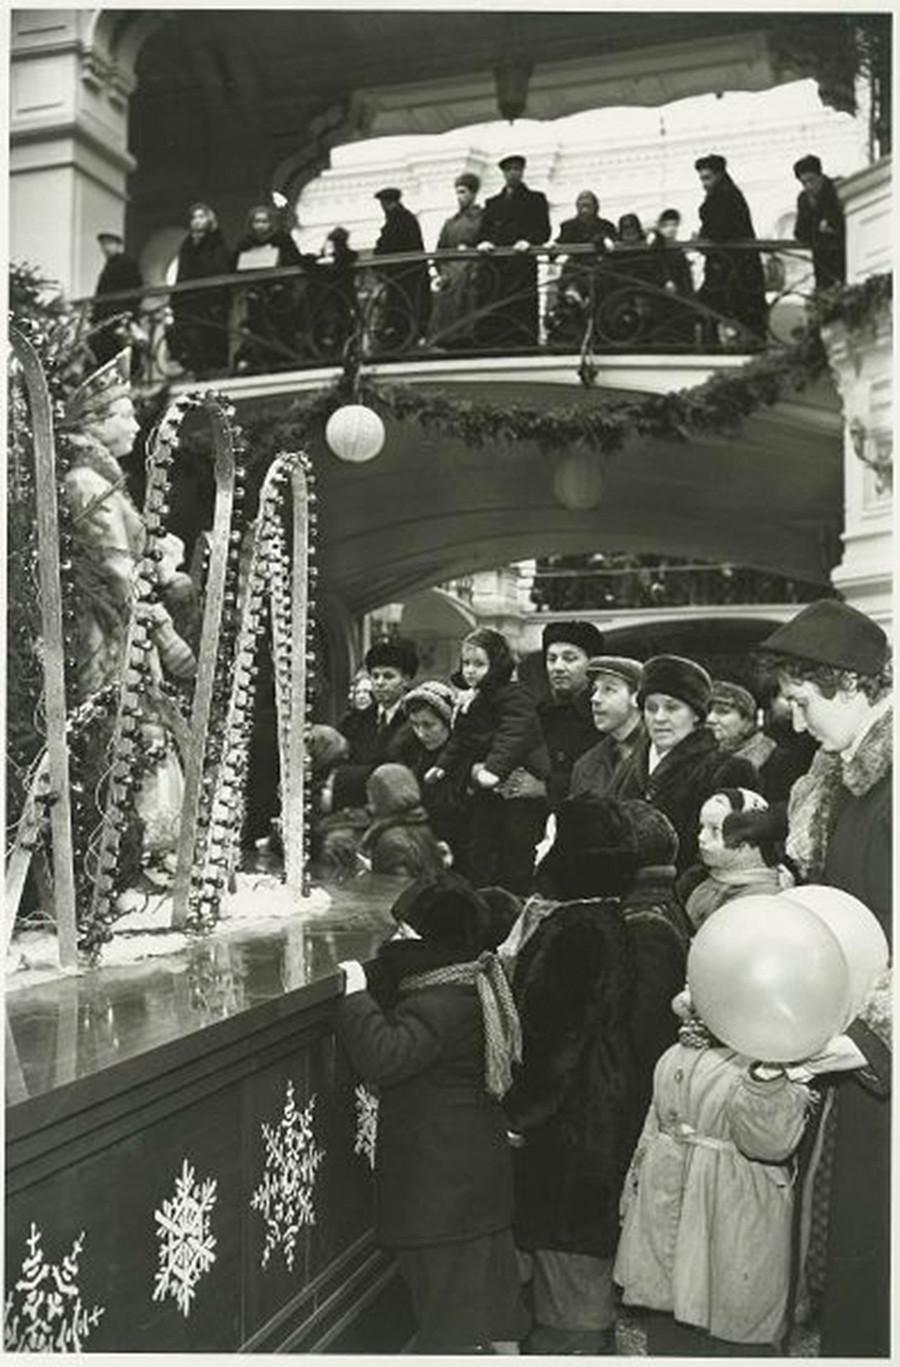 グム百貨店のヨールカ(クリスマスツリー)、1950年代